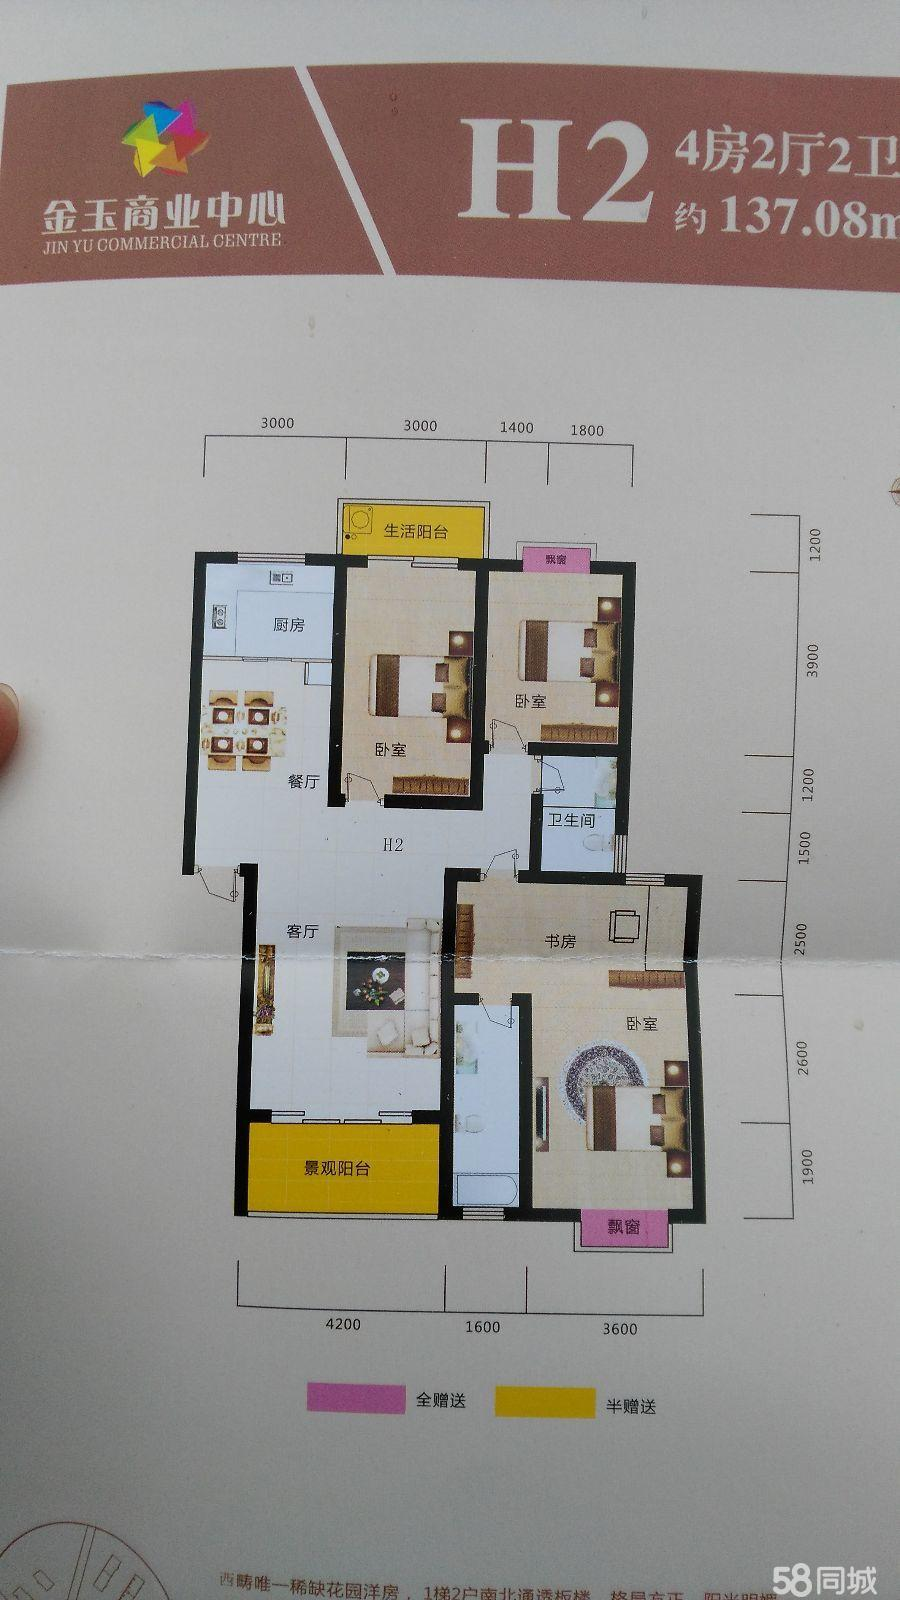 澳门拉斯维加斯网上官网澳门拉斯维加斯网上官网县金玉商4室2厅2卫136平米